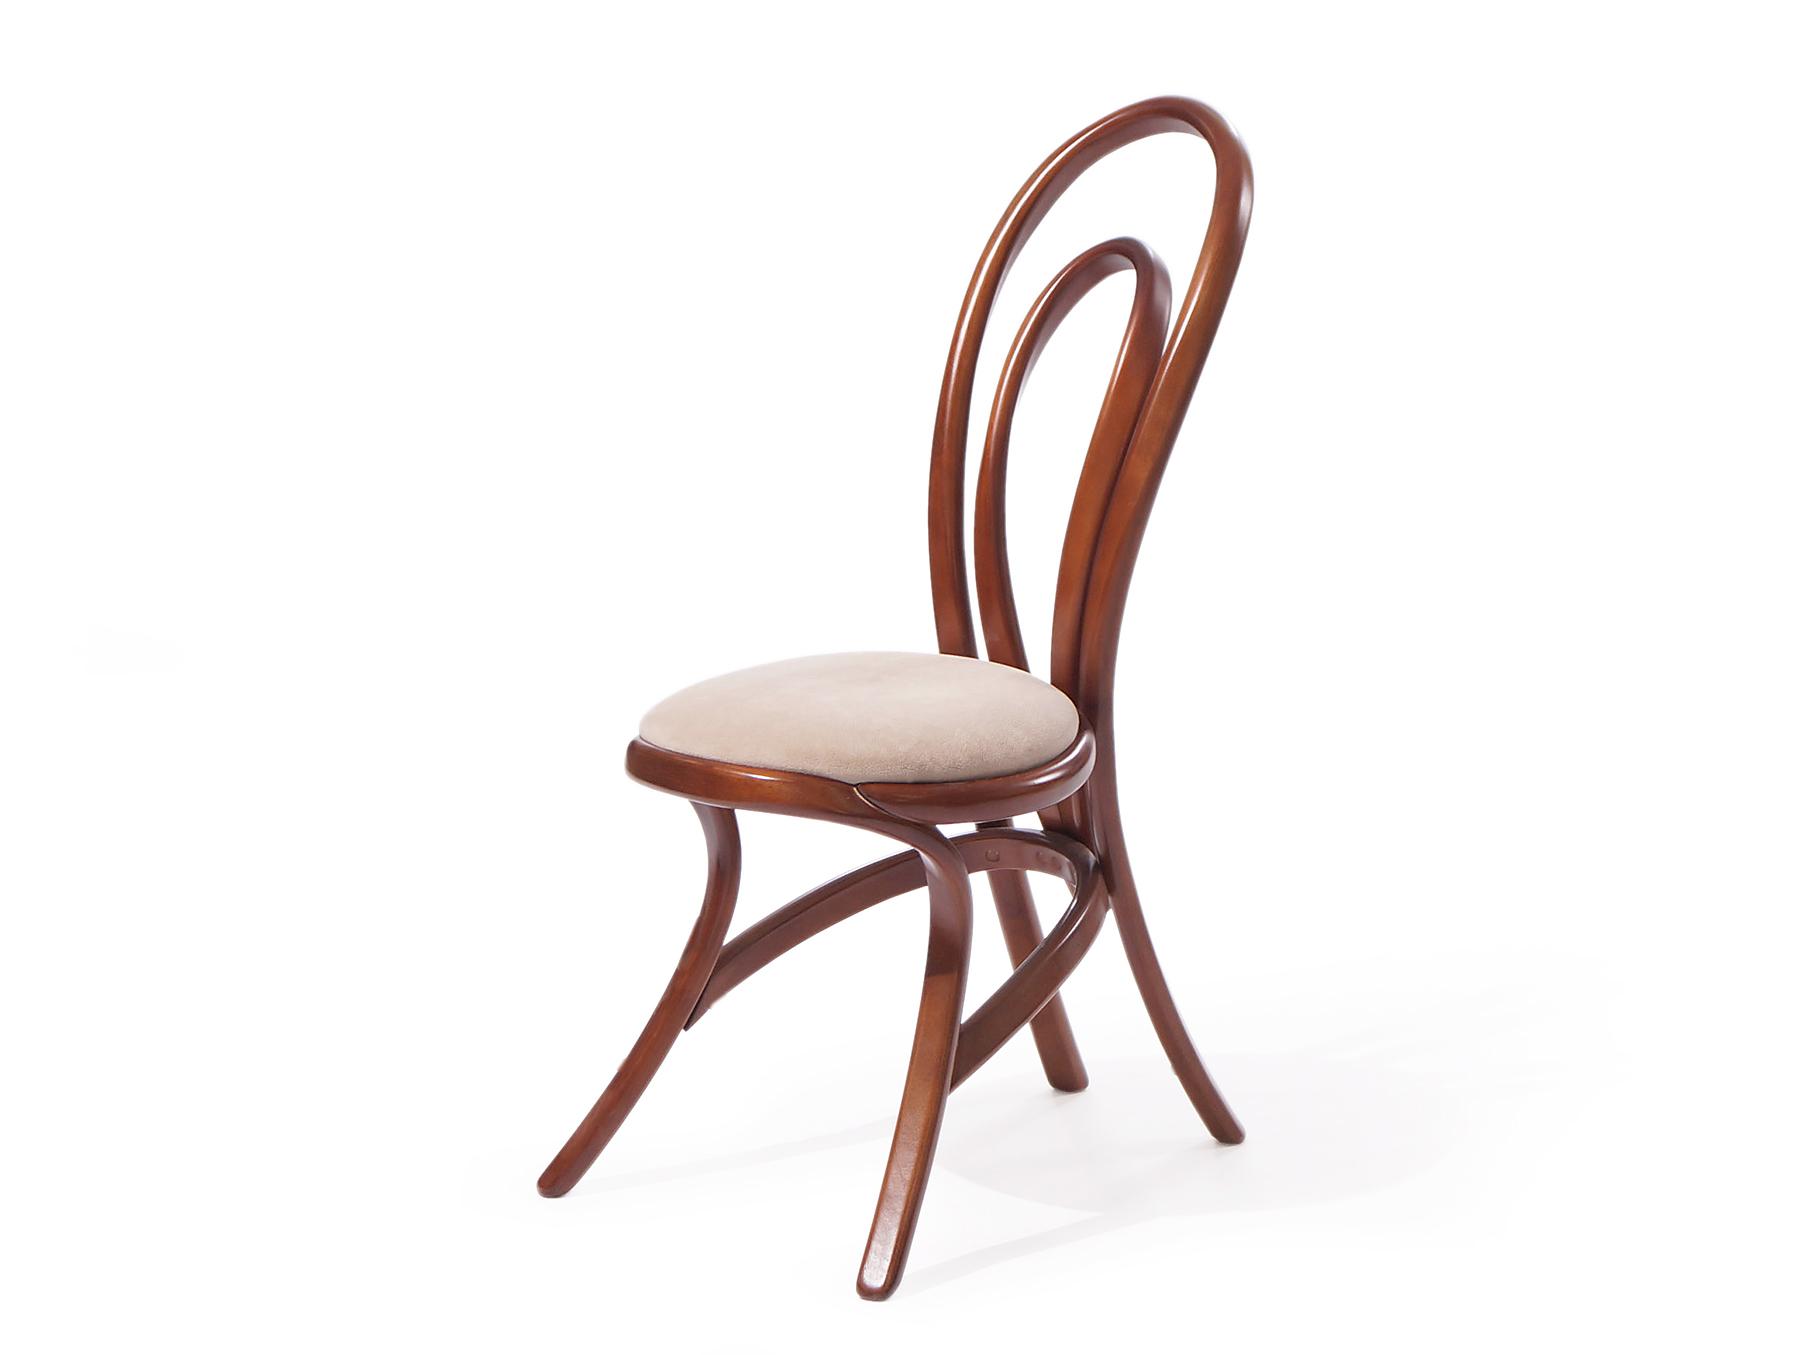 Стул Apriori VSОбеденные стулья<br>&amp;lt;div&amp;gt;Стул из натурального гнутого дерева симметричной коллекции &amp;quot;Apriori&amp;quot;.&amp;amp;nbsp;&amp;lt;/div&amp;gt;&amp;lt;div&amp;gt;&amp;lt;br&amp;gt;&amp;lt;/div&amp;gt;&amp;lt;div&amp;gt;Материал: натуральное дерево (8т орех)&amp;amp;nbsp;&amp;lt;/div&amp;gt;&amp;lt;div&amp;gt;Обивка: Износостойкая ткань коллекции sensation 32.&amp;lt;/div&amp;gt;<br><br>Material: Береза<br>Length см: None<br>Width см: 57<br>Depth см: 45<br>Height см: 96<br>Diameter см: None